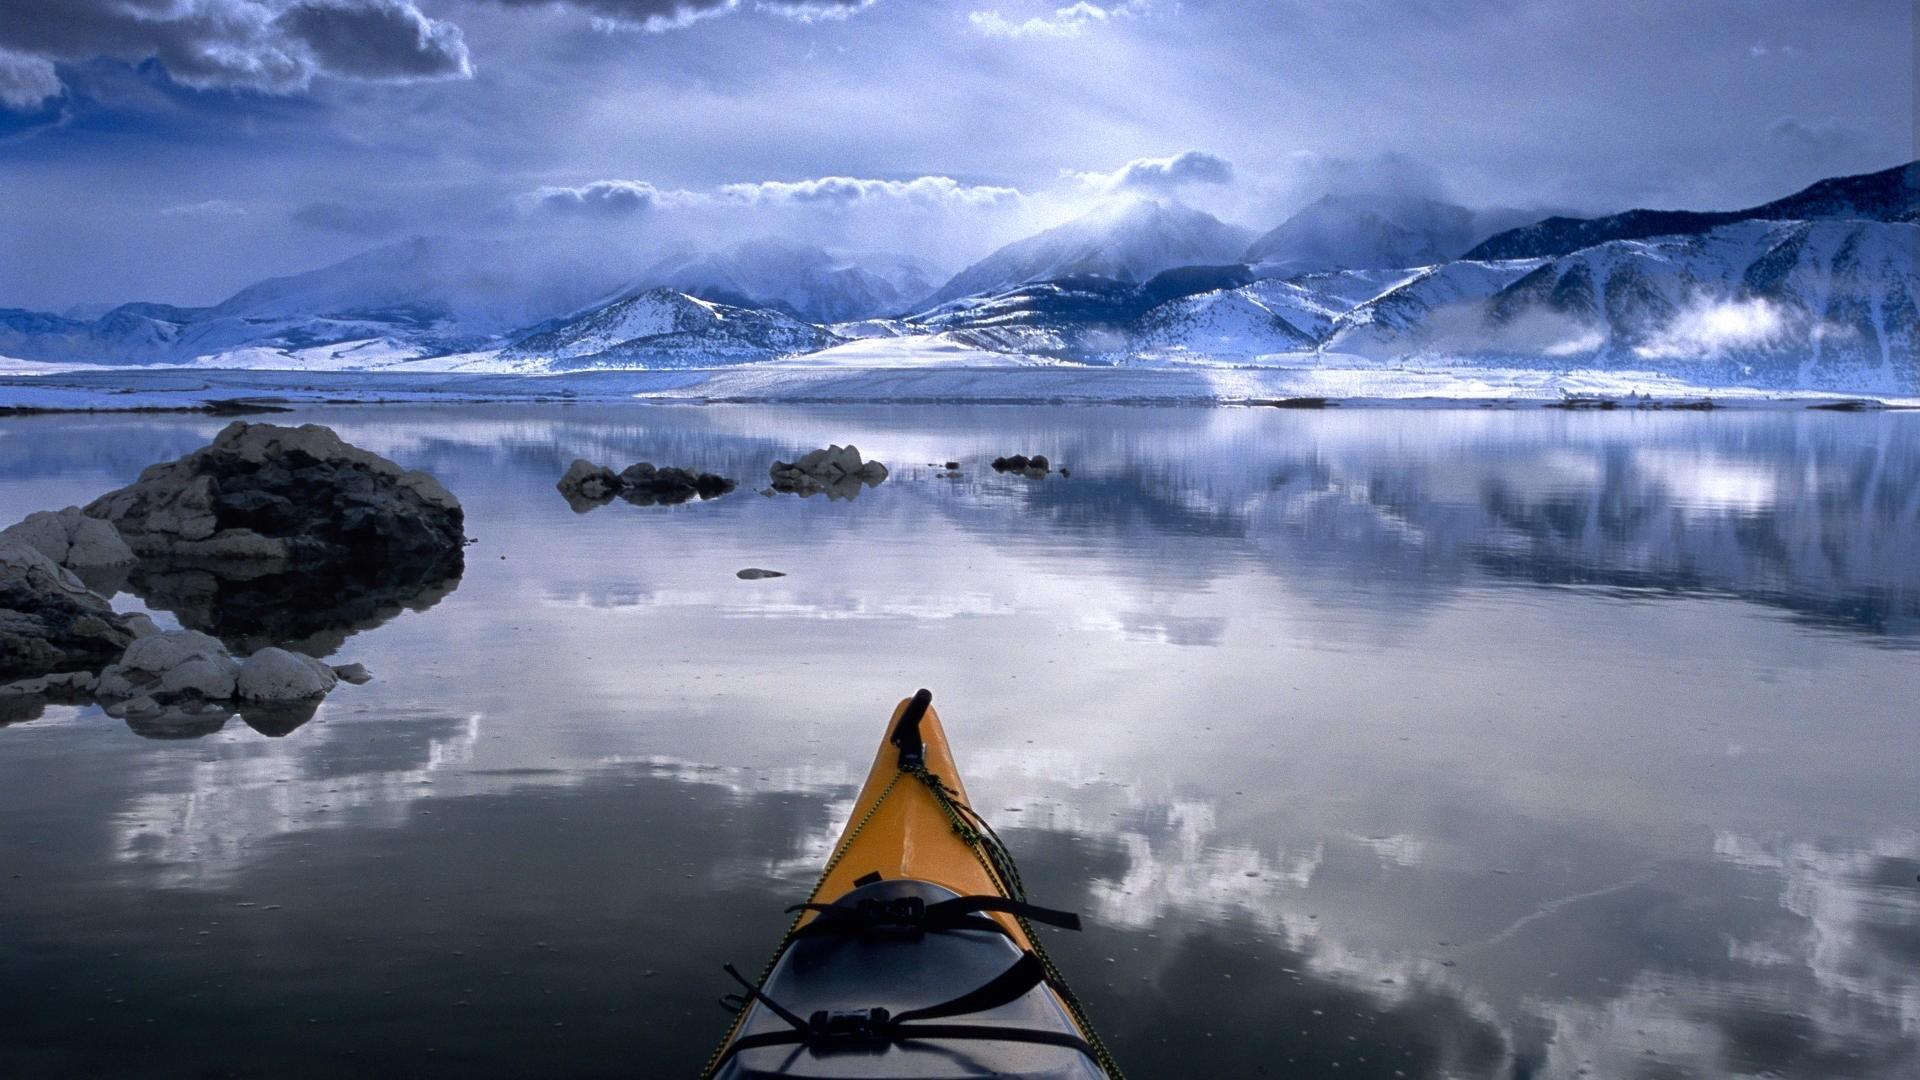 Kayak Wallpaper